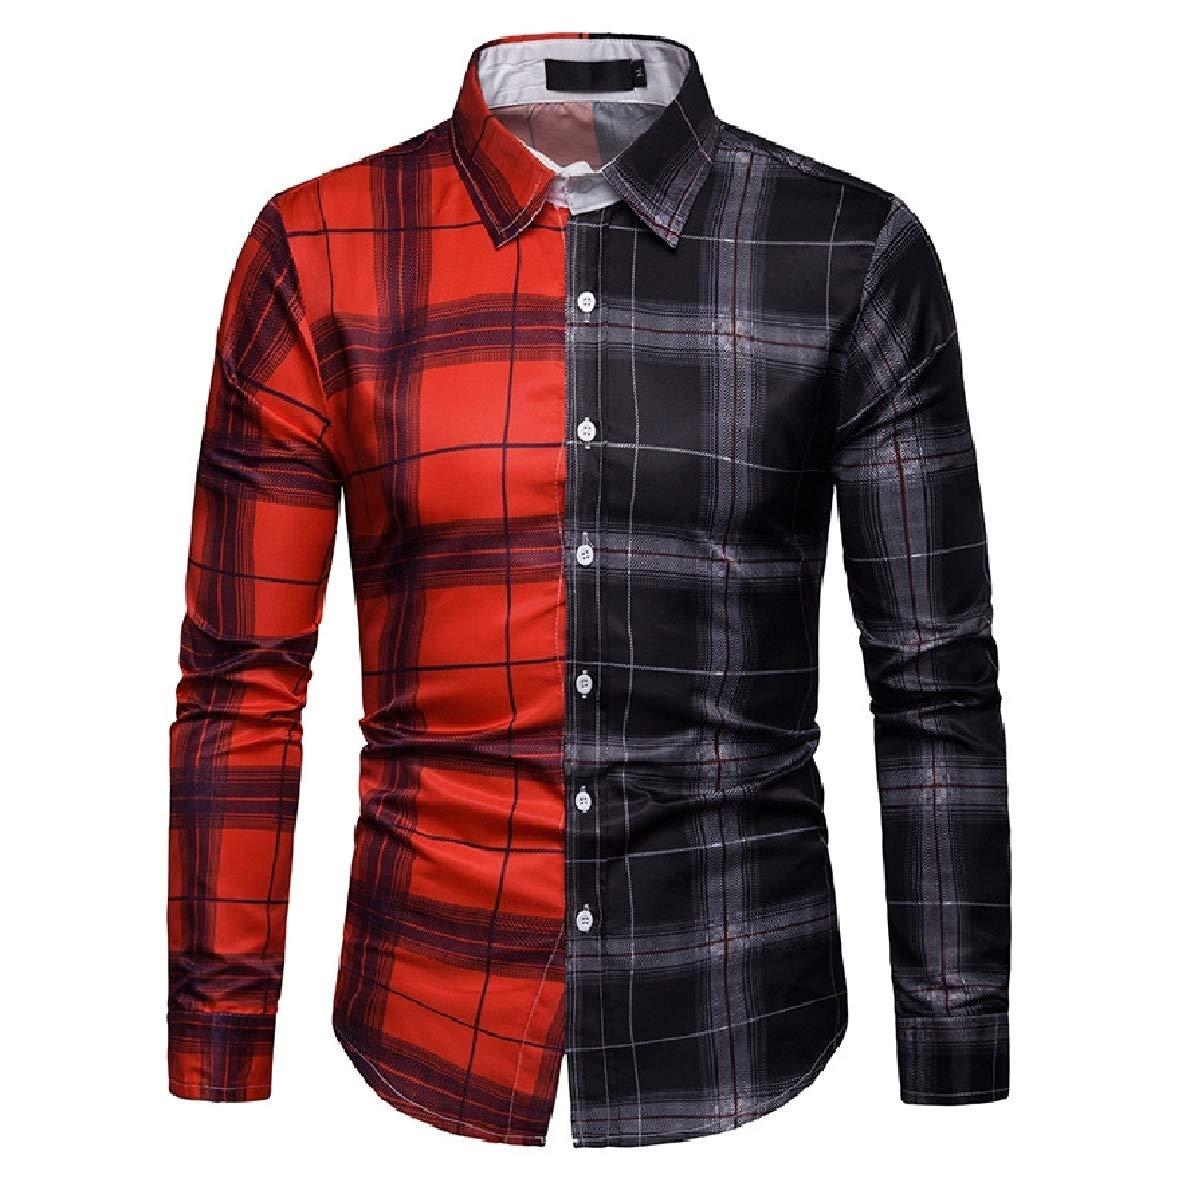 Zimaes-Men Oversize Hit Color Plaid Mid-Long Tshirt Top Shirt